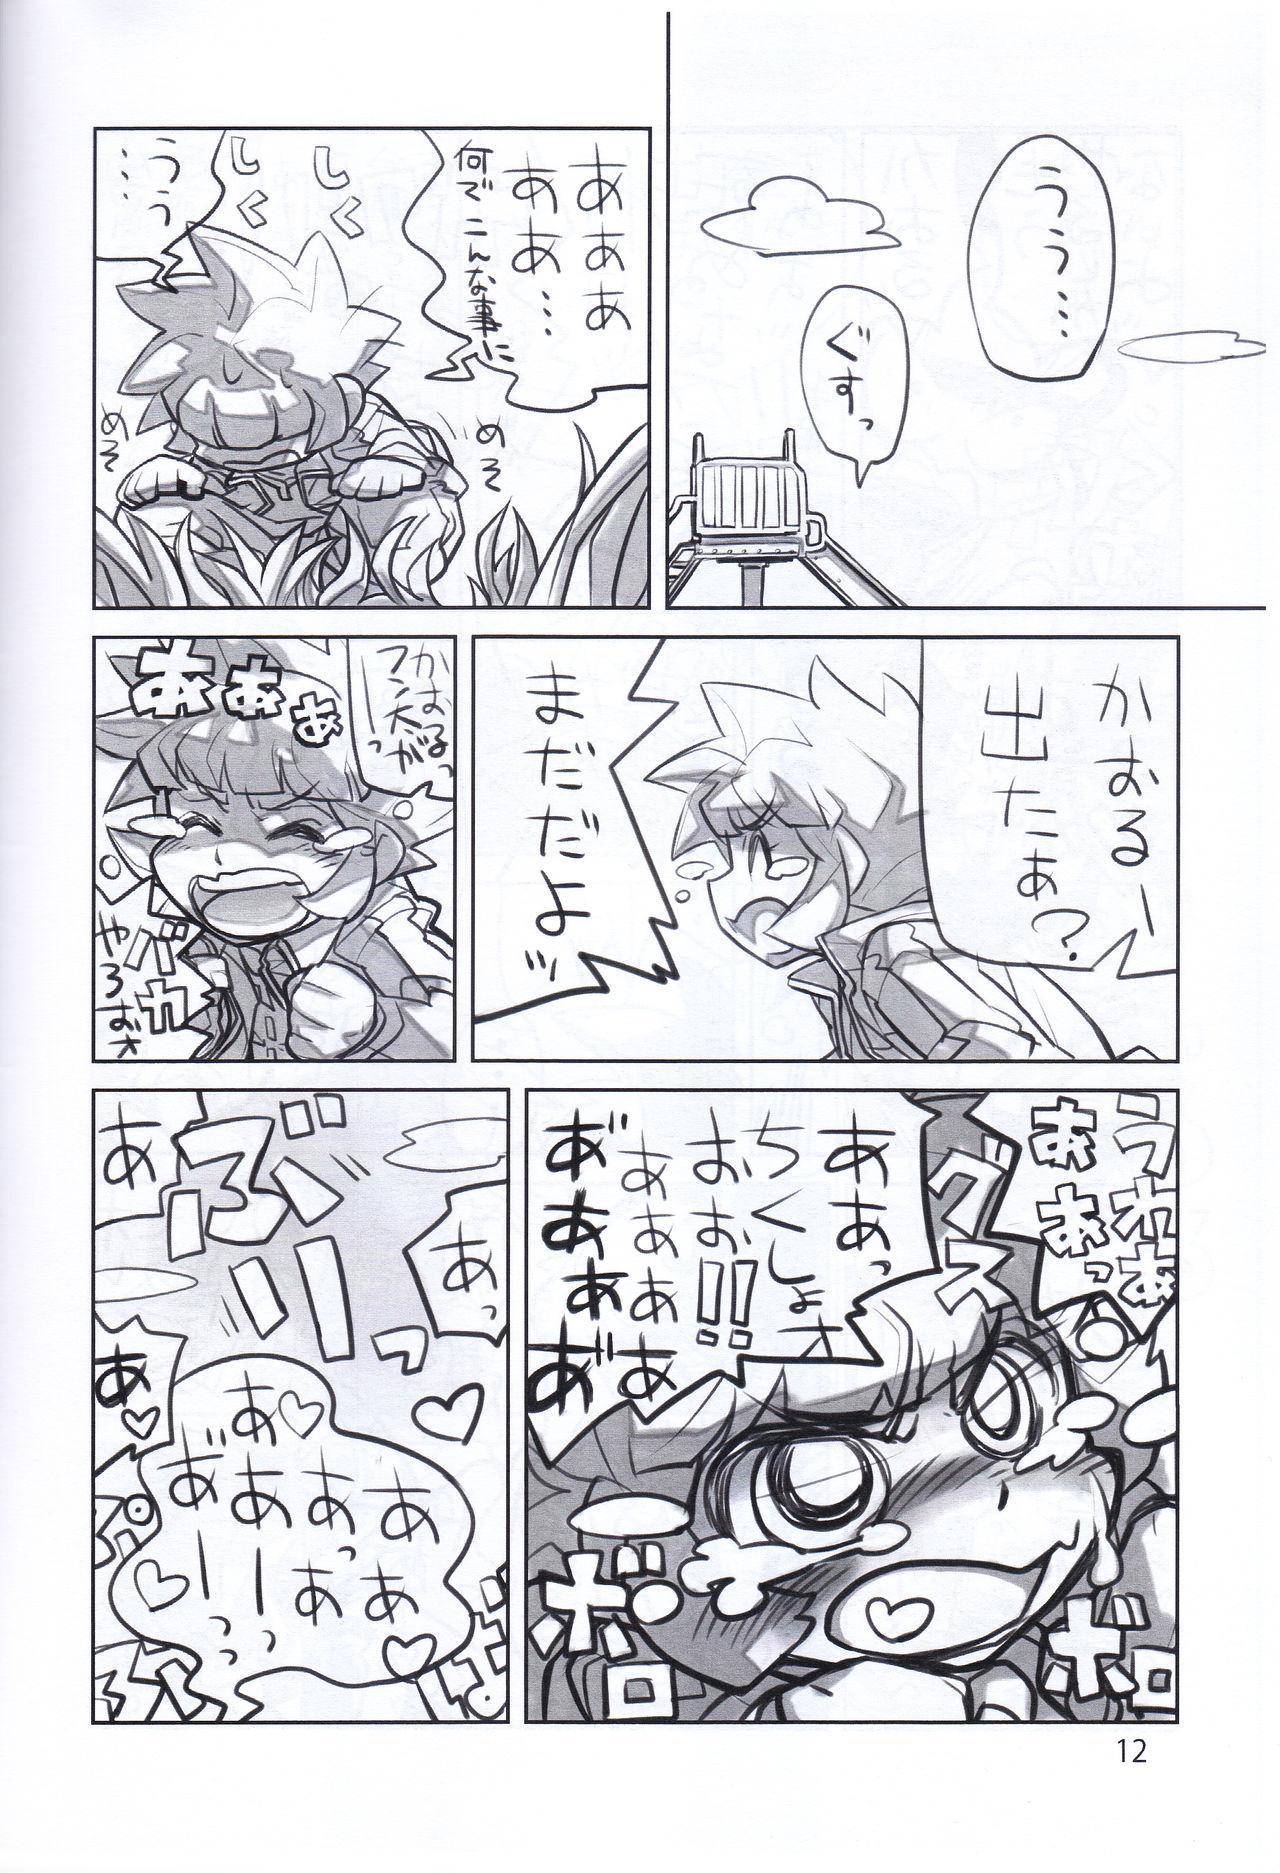 Juicy6 11